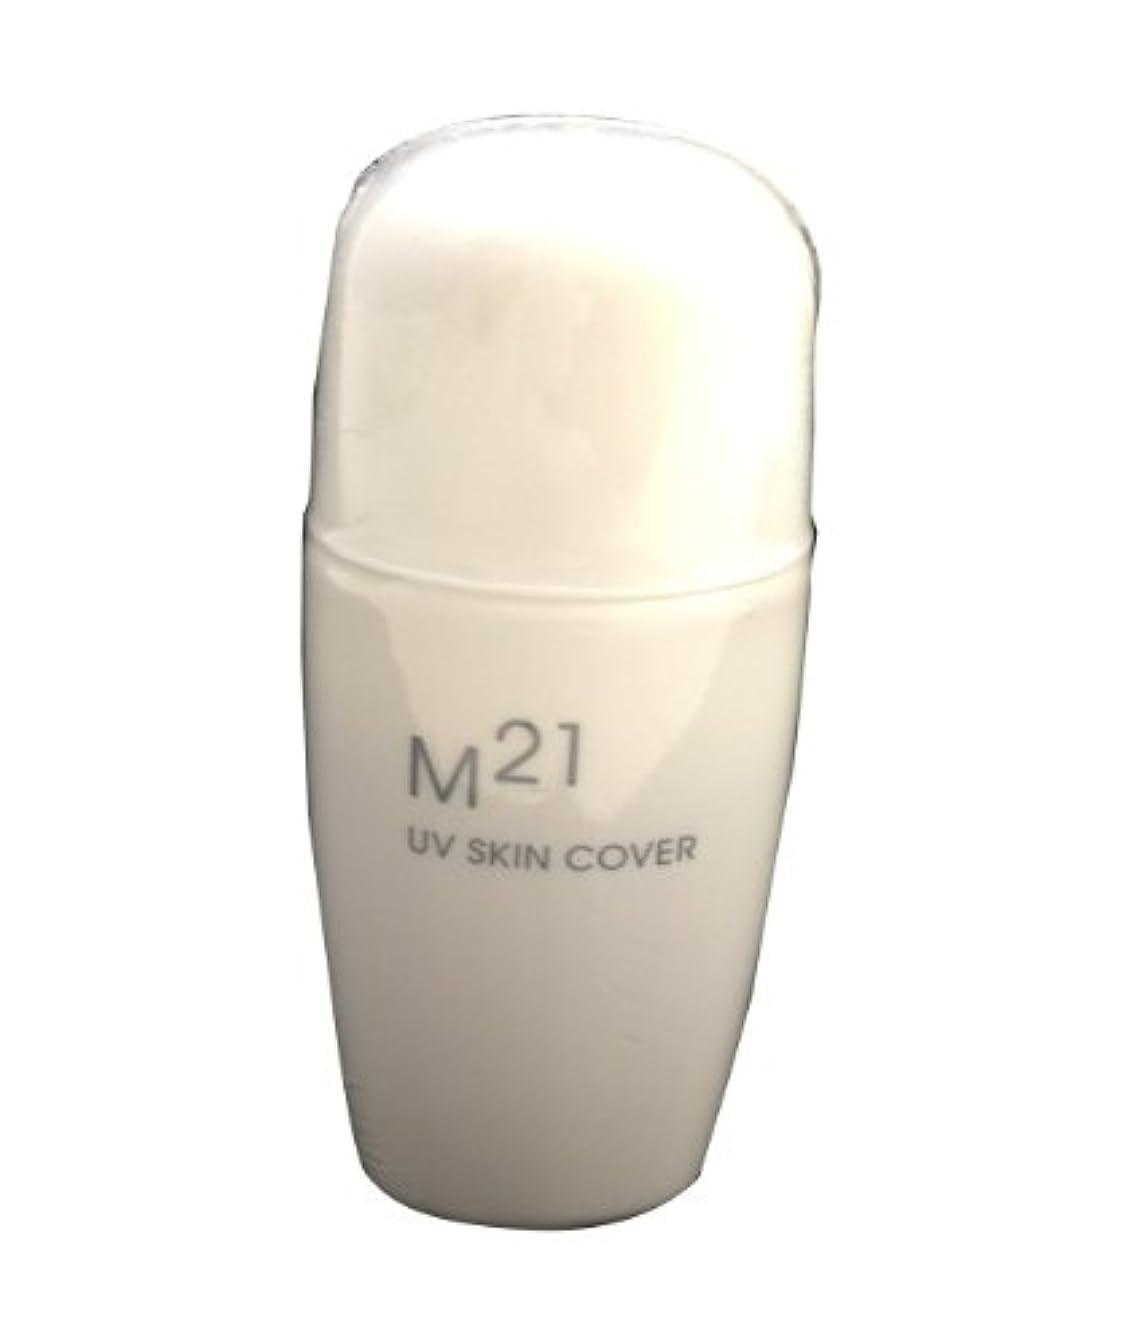 風景シガレット不測の事態M21UVスキンカバー 自然化粧品M21